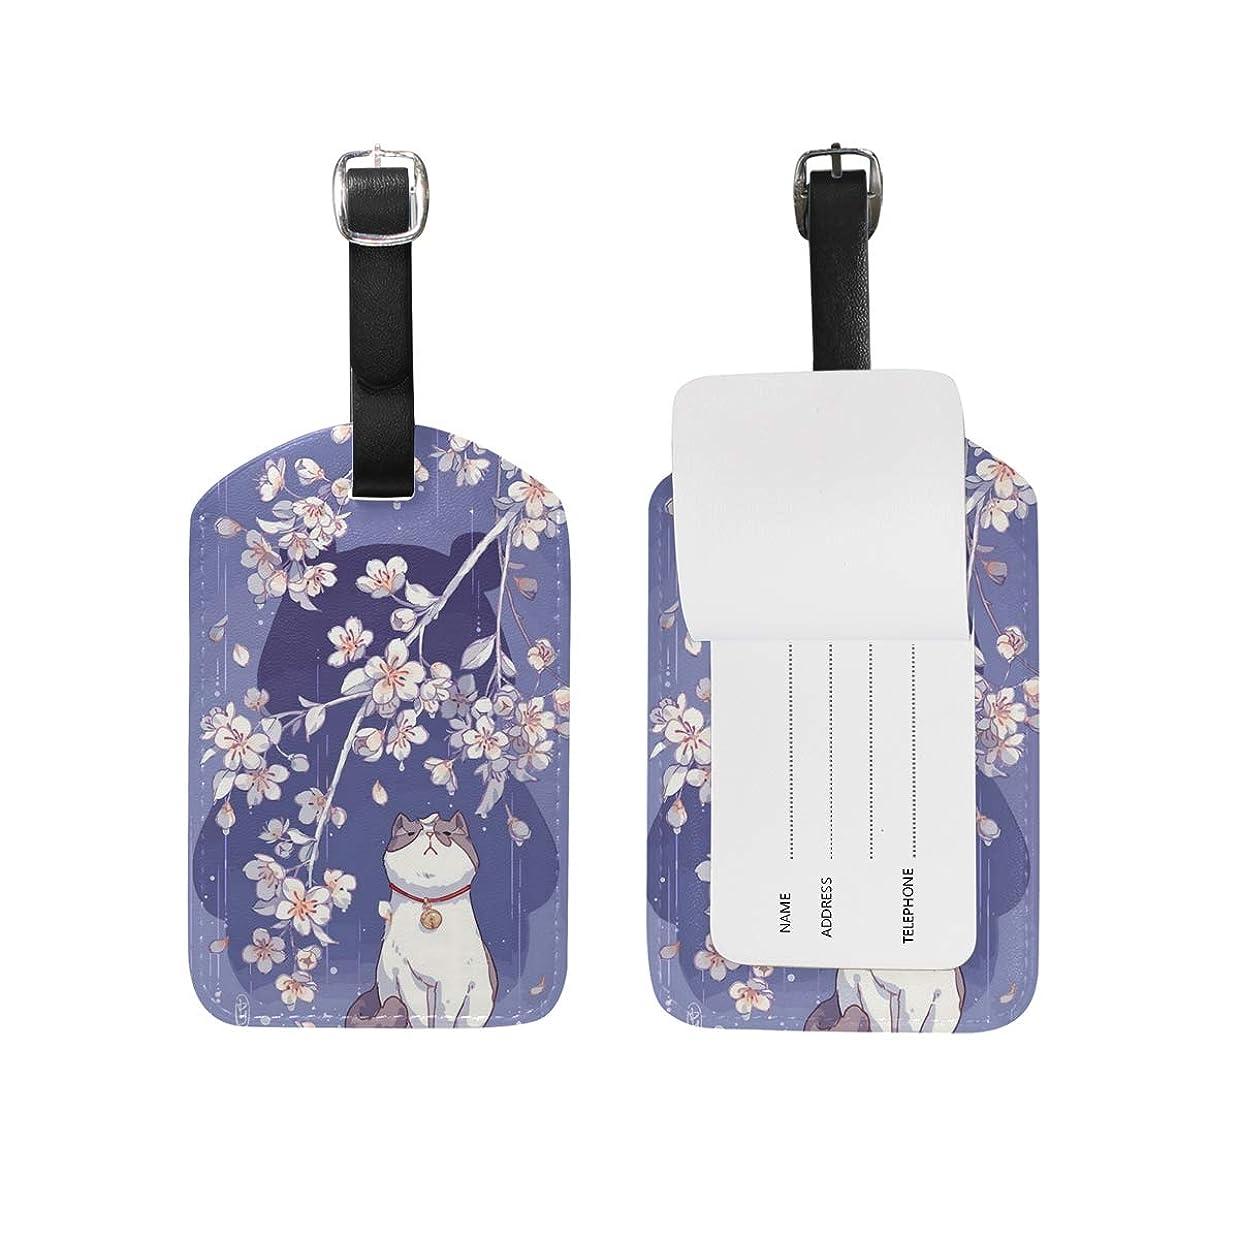 代名詞ギャザーハムAnmumi ラゲージタグ 名札 荷物タグ 猫柄 桜 スーツケースタグ ベルト付き トーテム 旅行用品 出張 レディース メンズ 男女兼用 かわいい